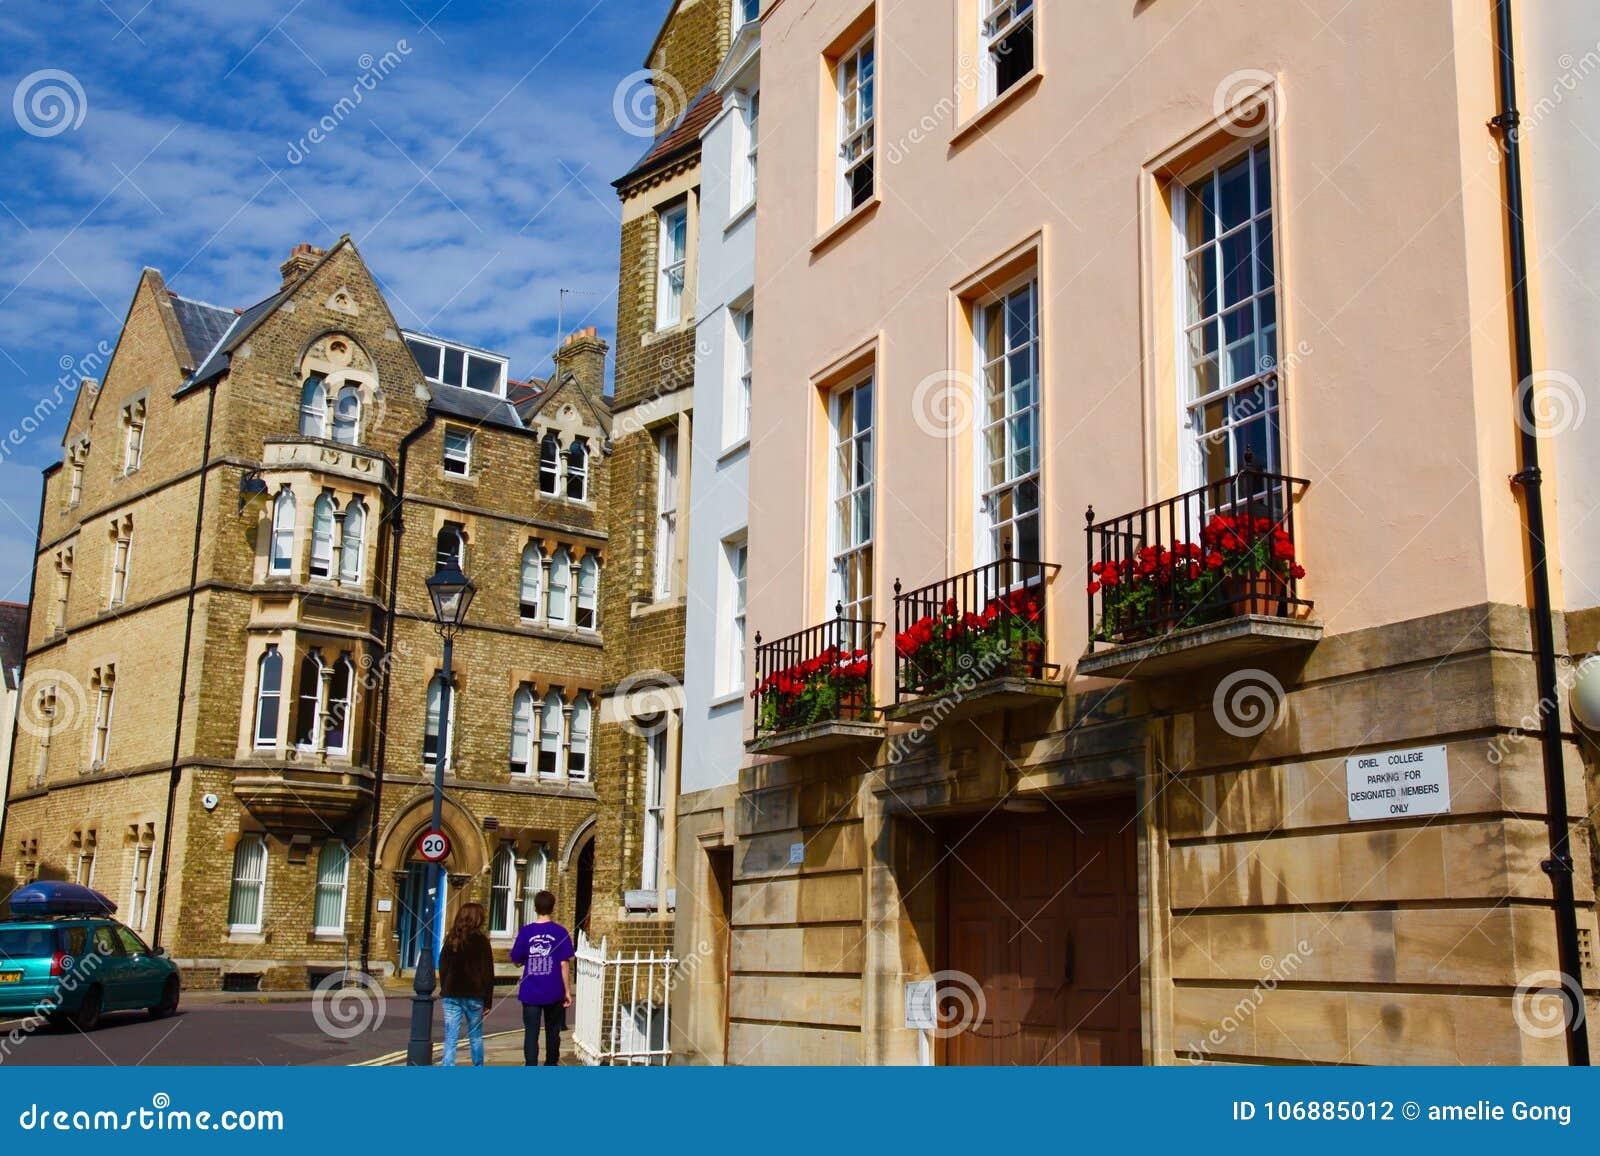 Architettura tipica dell Inghilterra a Oxford